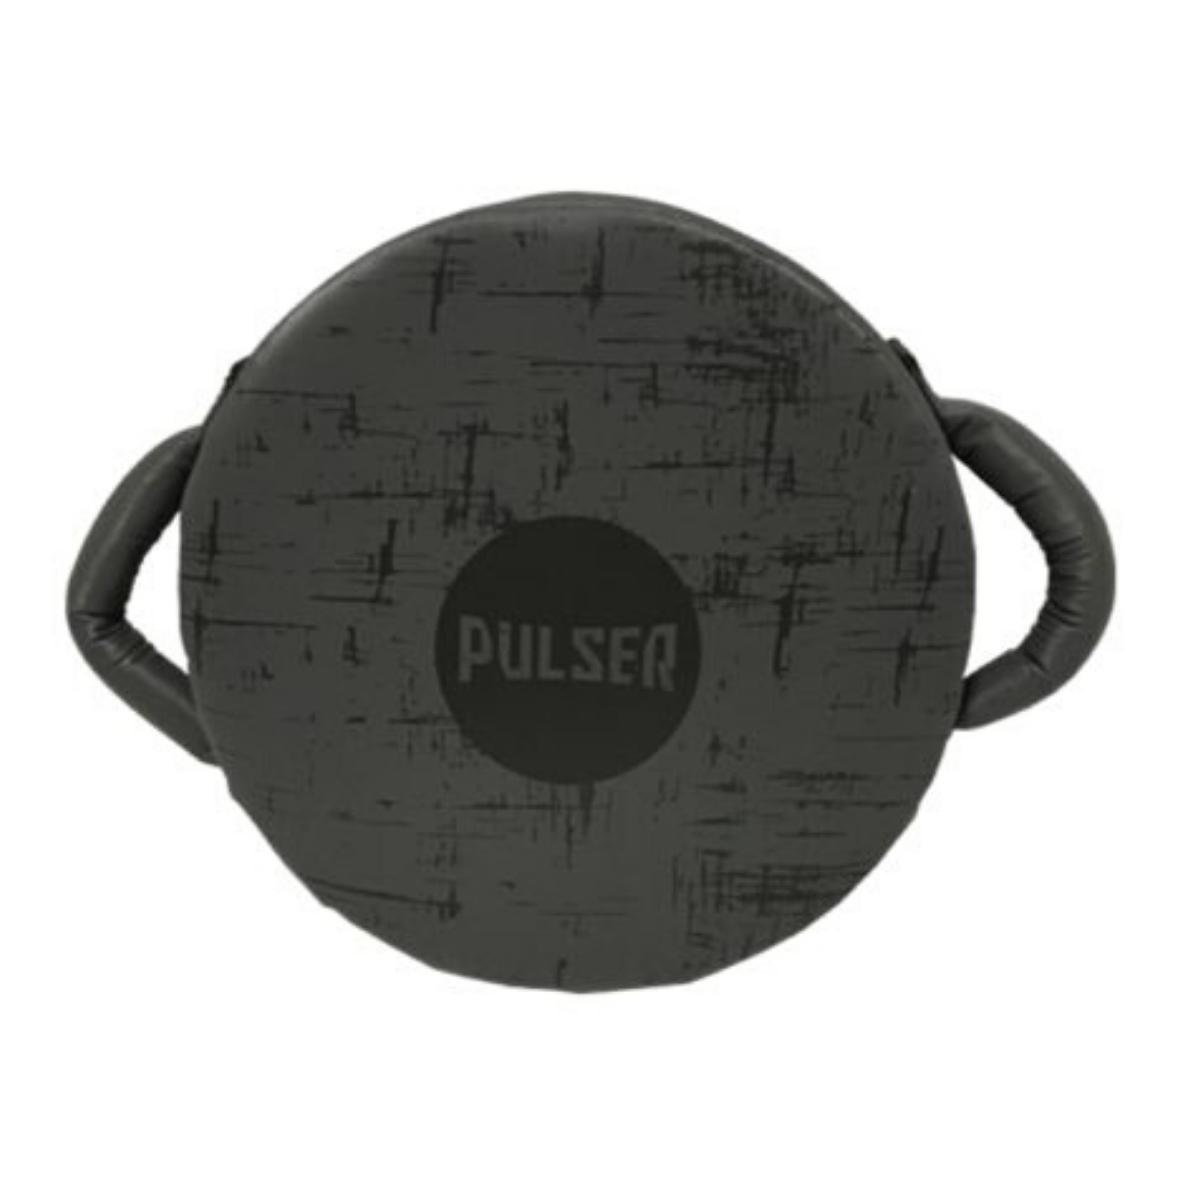 Manopla de Soco Governadora - Cinza Escuro - Pulser  - PRALUTA SHOP